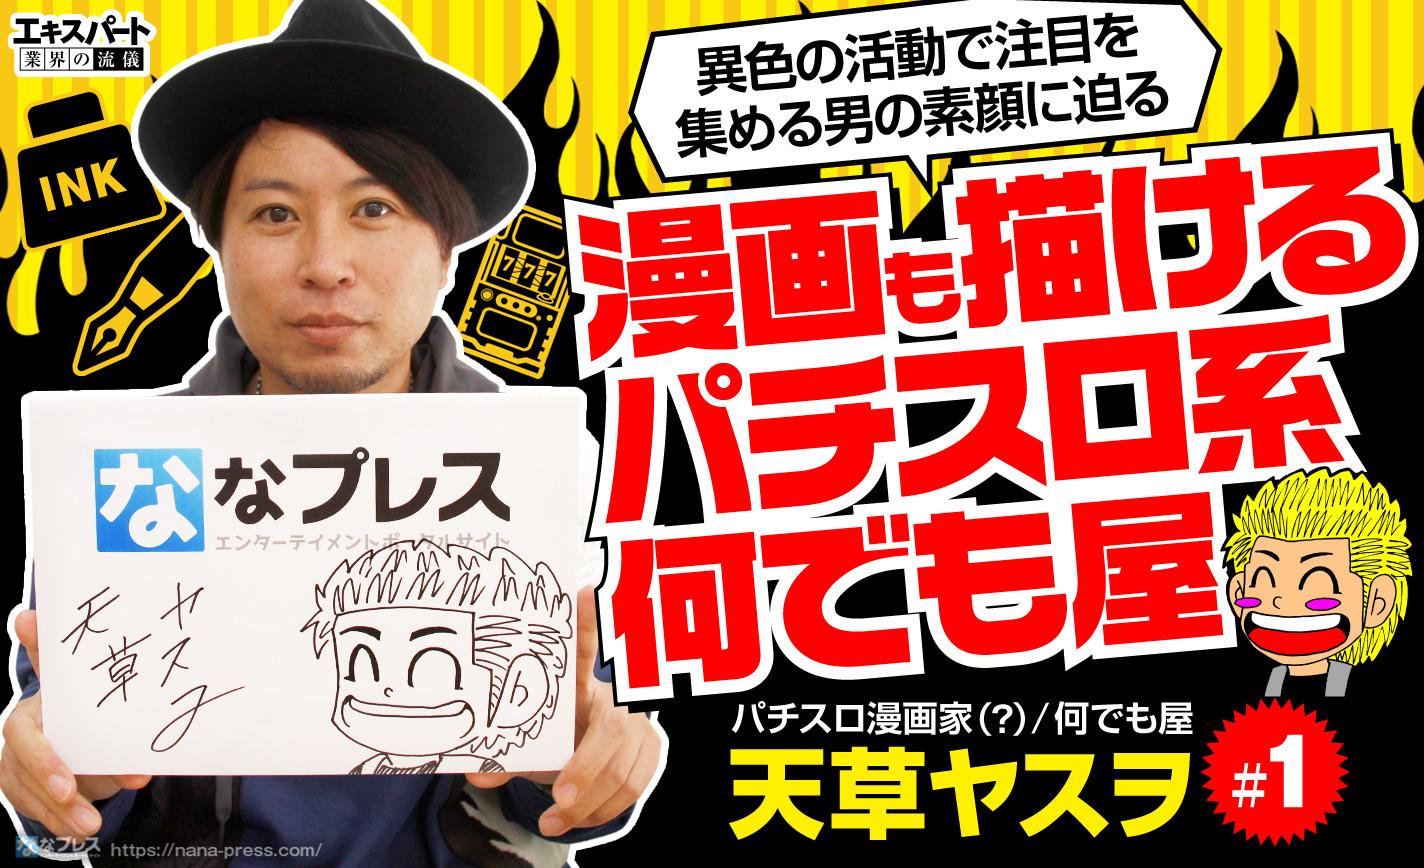 天草ヤスヲは「漫画も描けるパチスロ系何でも屋」?異色の活動で注目を集める男の素顔に迫る! eyecatch-image